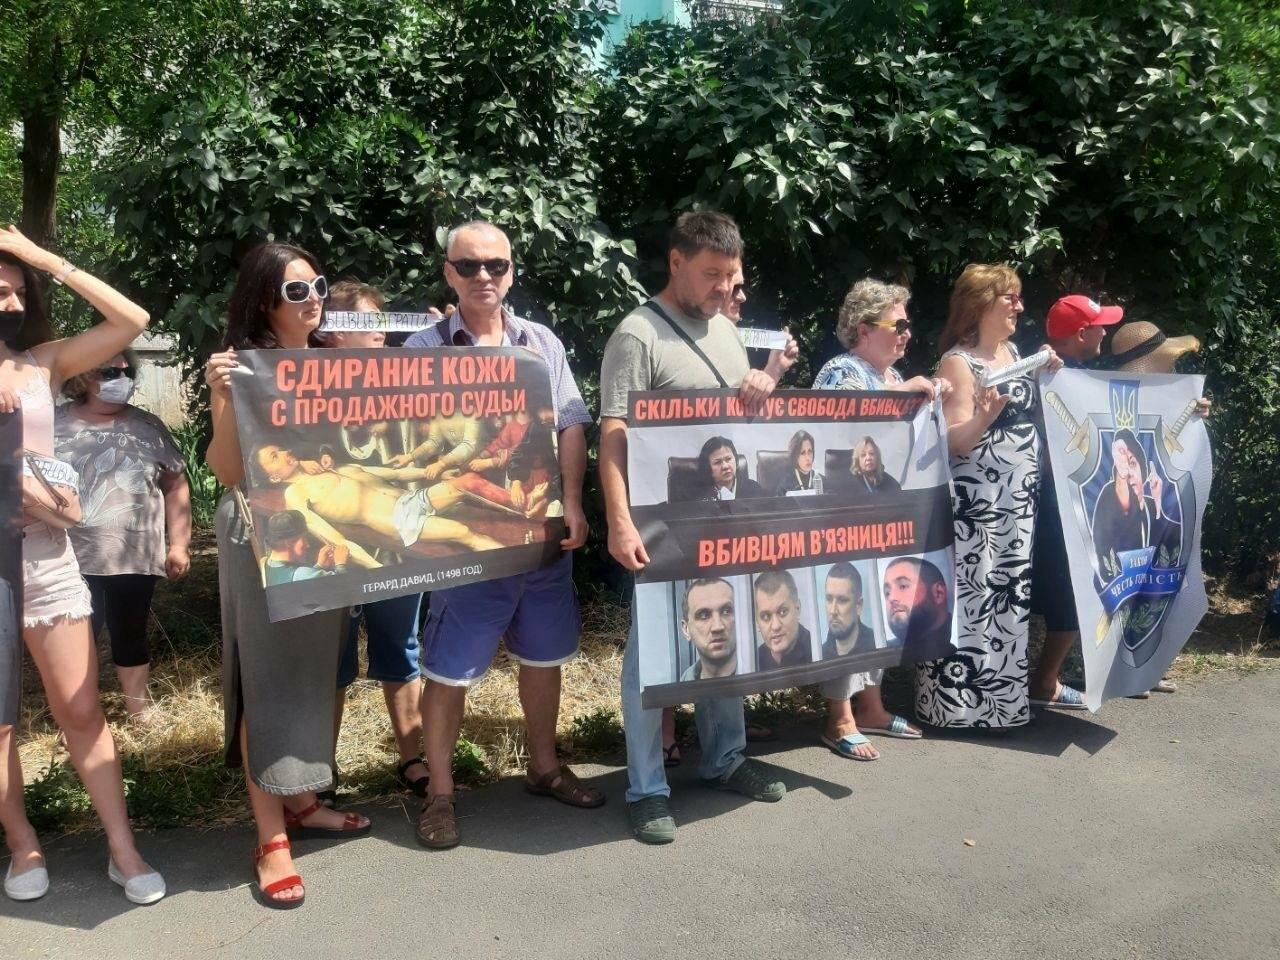 """""""Нас насилует эта система"""": протест в Бердянске по делу Сармата, - ФОТО, ВИДЕО, фото-5"""